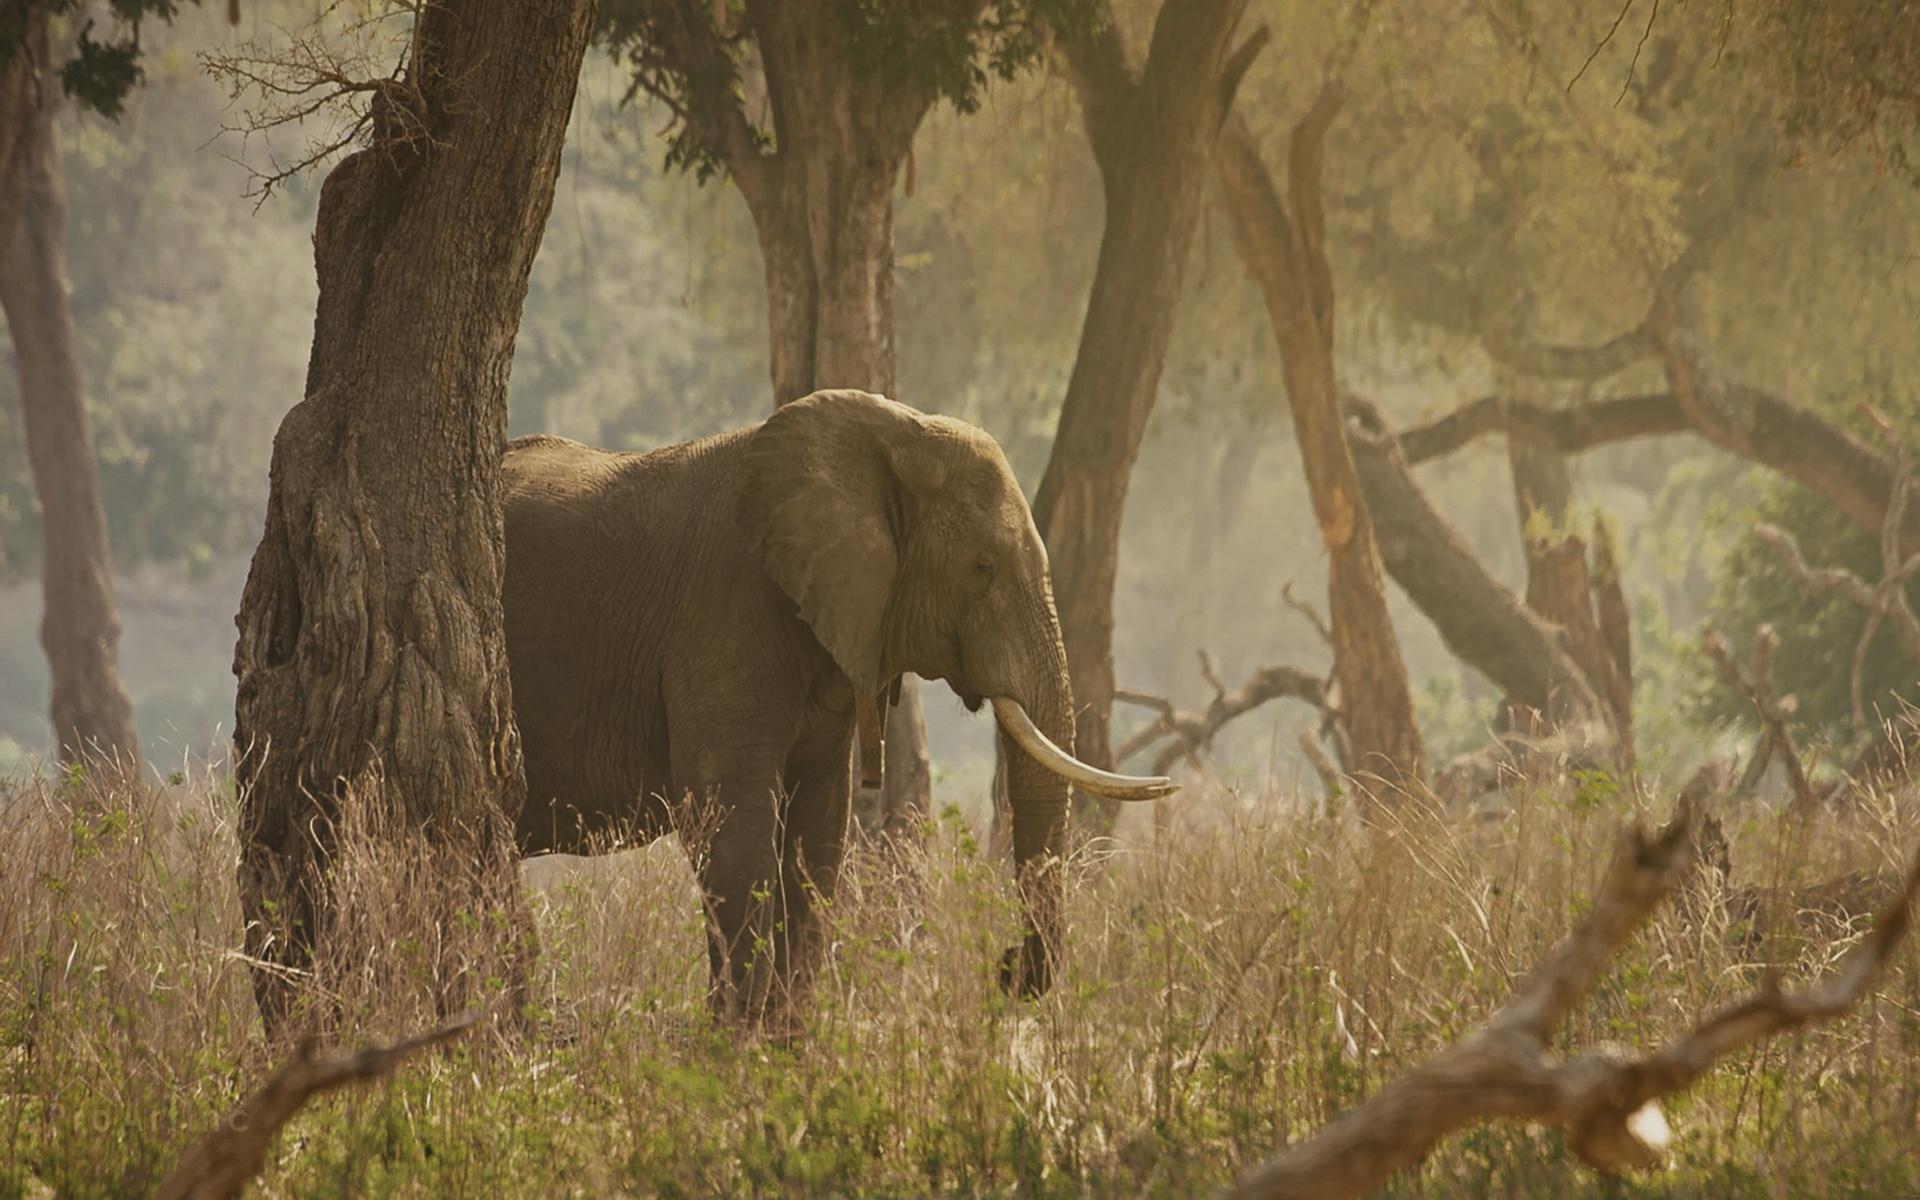 слон, бивни, деревья, трава